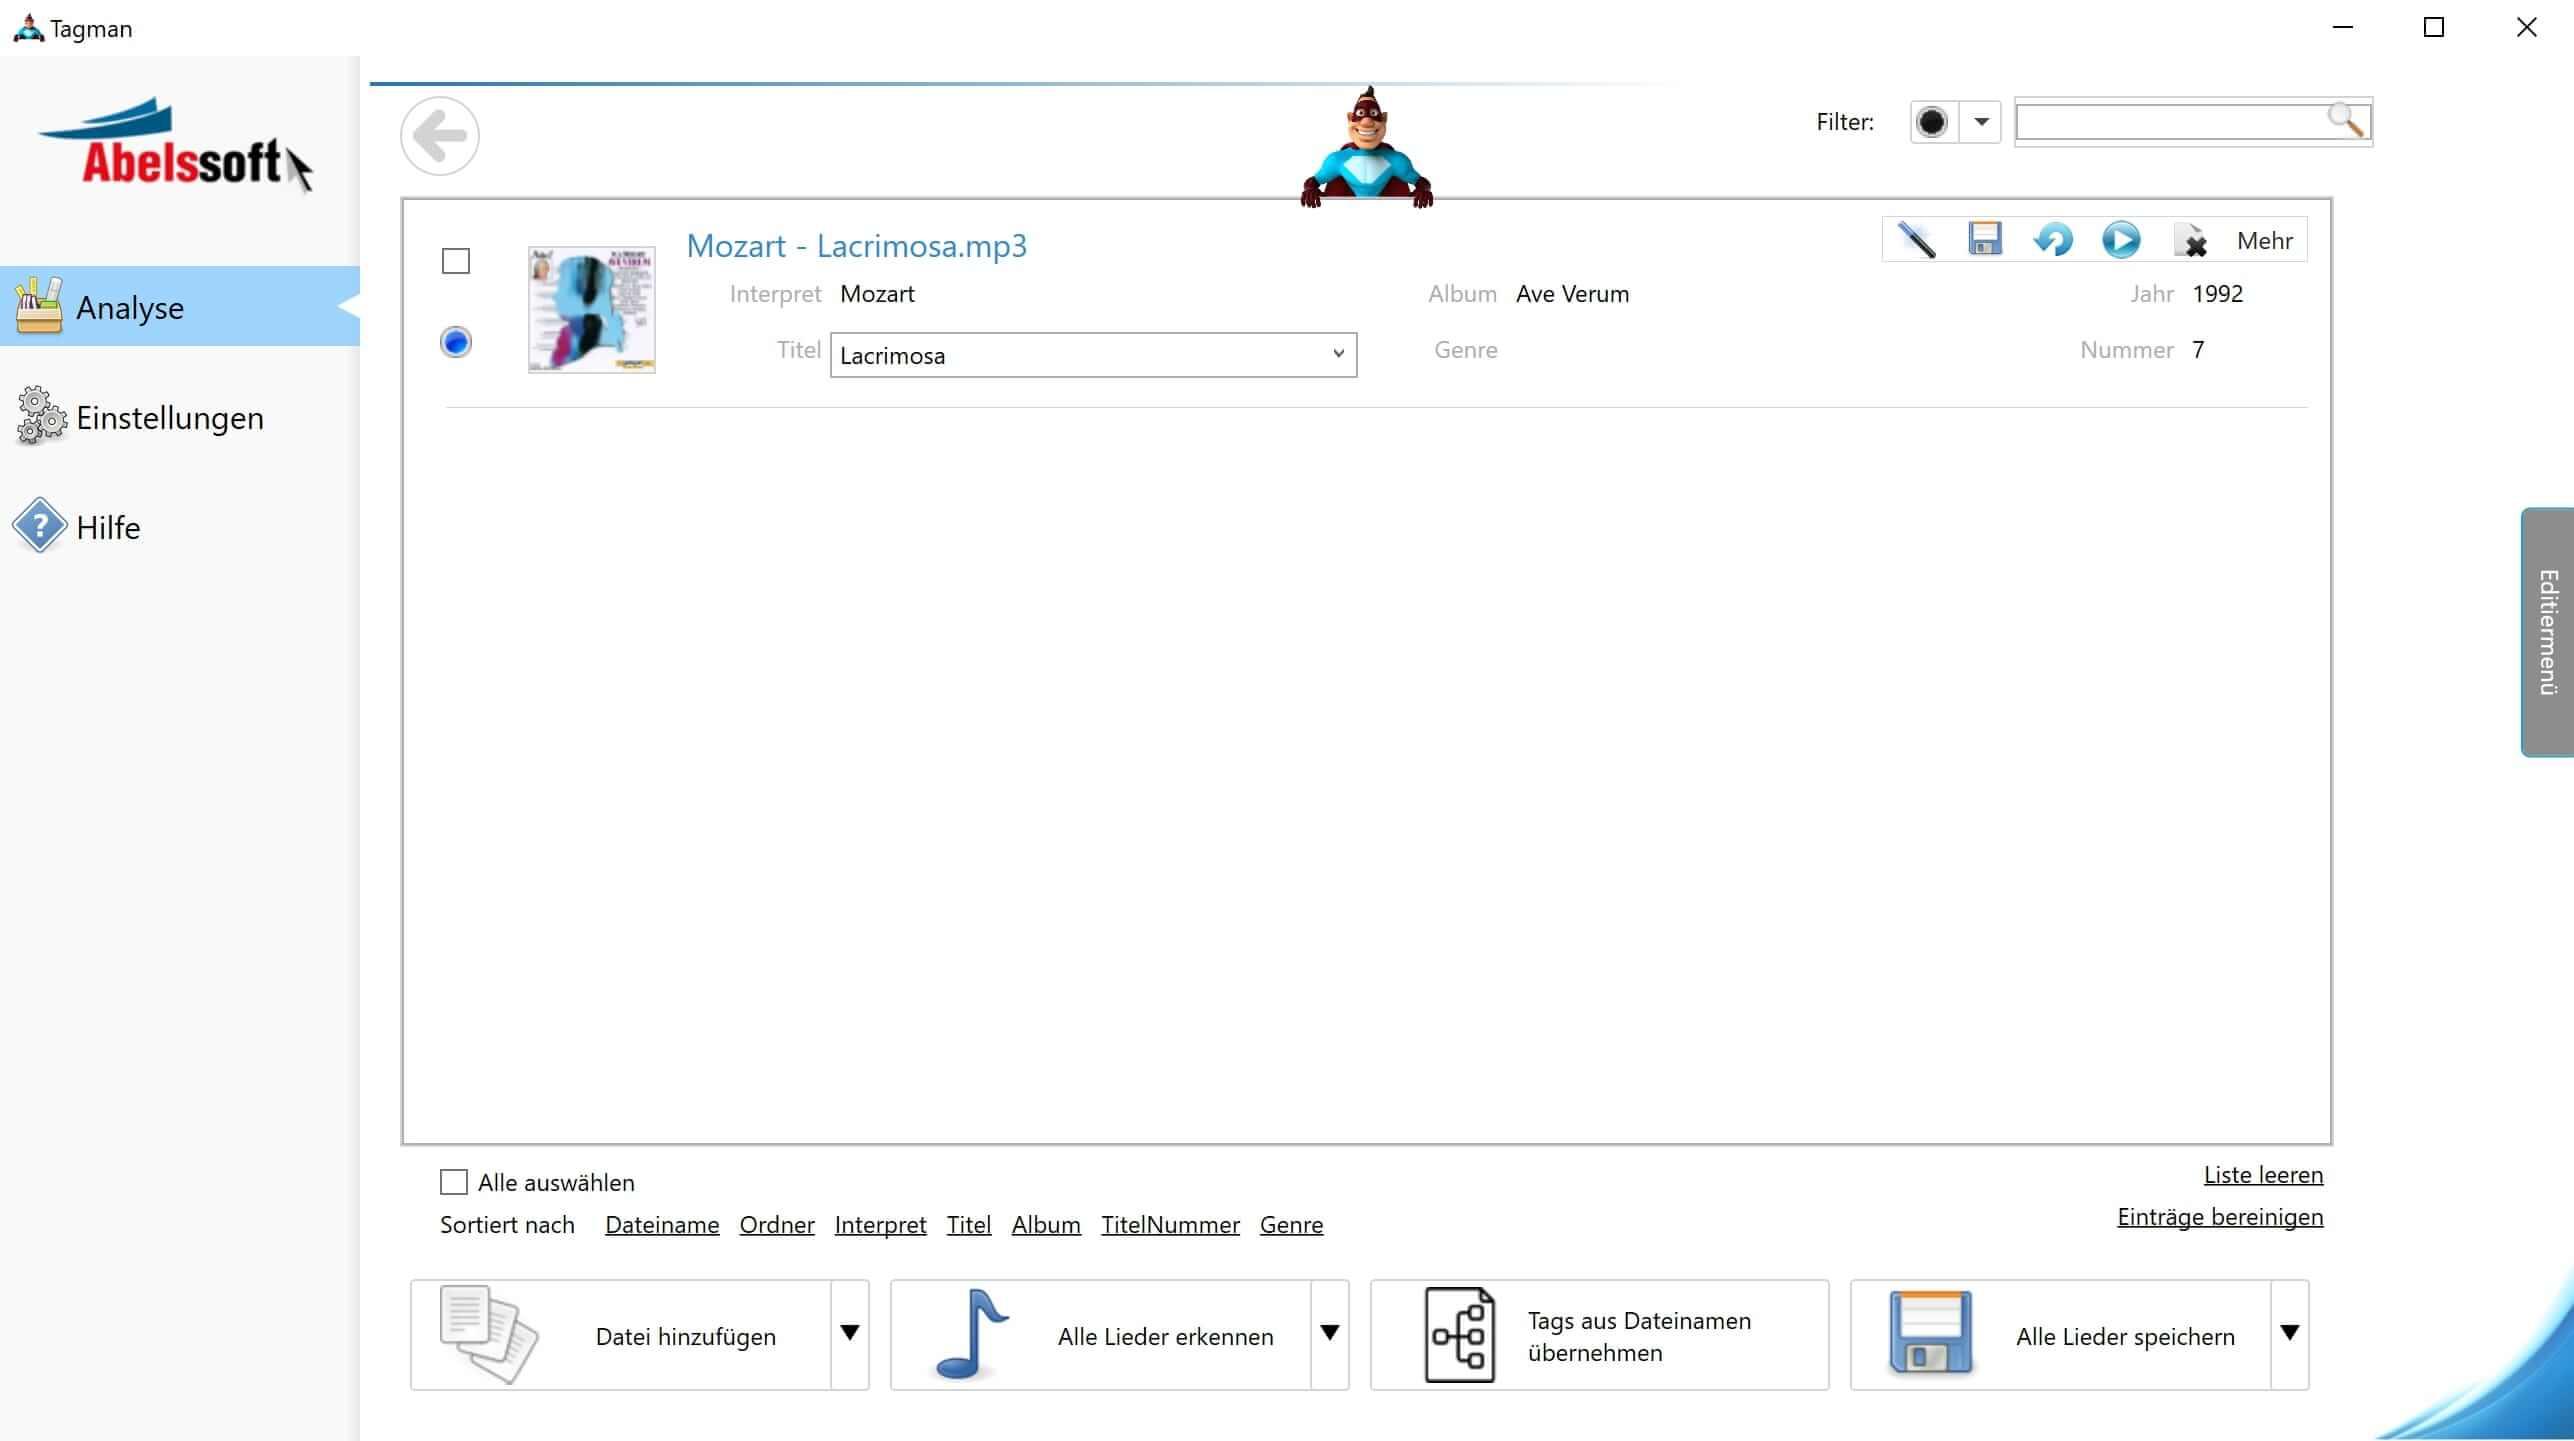 MP3 Interpret und Titel bearbeiten - Interpret bearbeiten